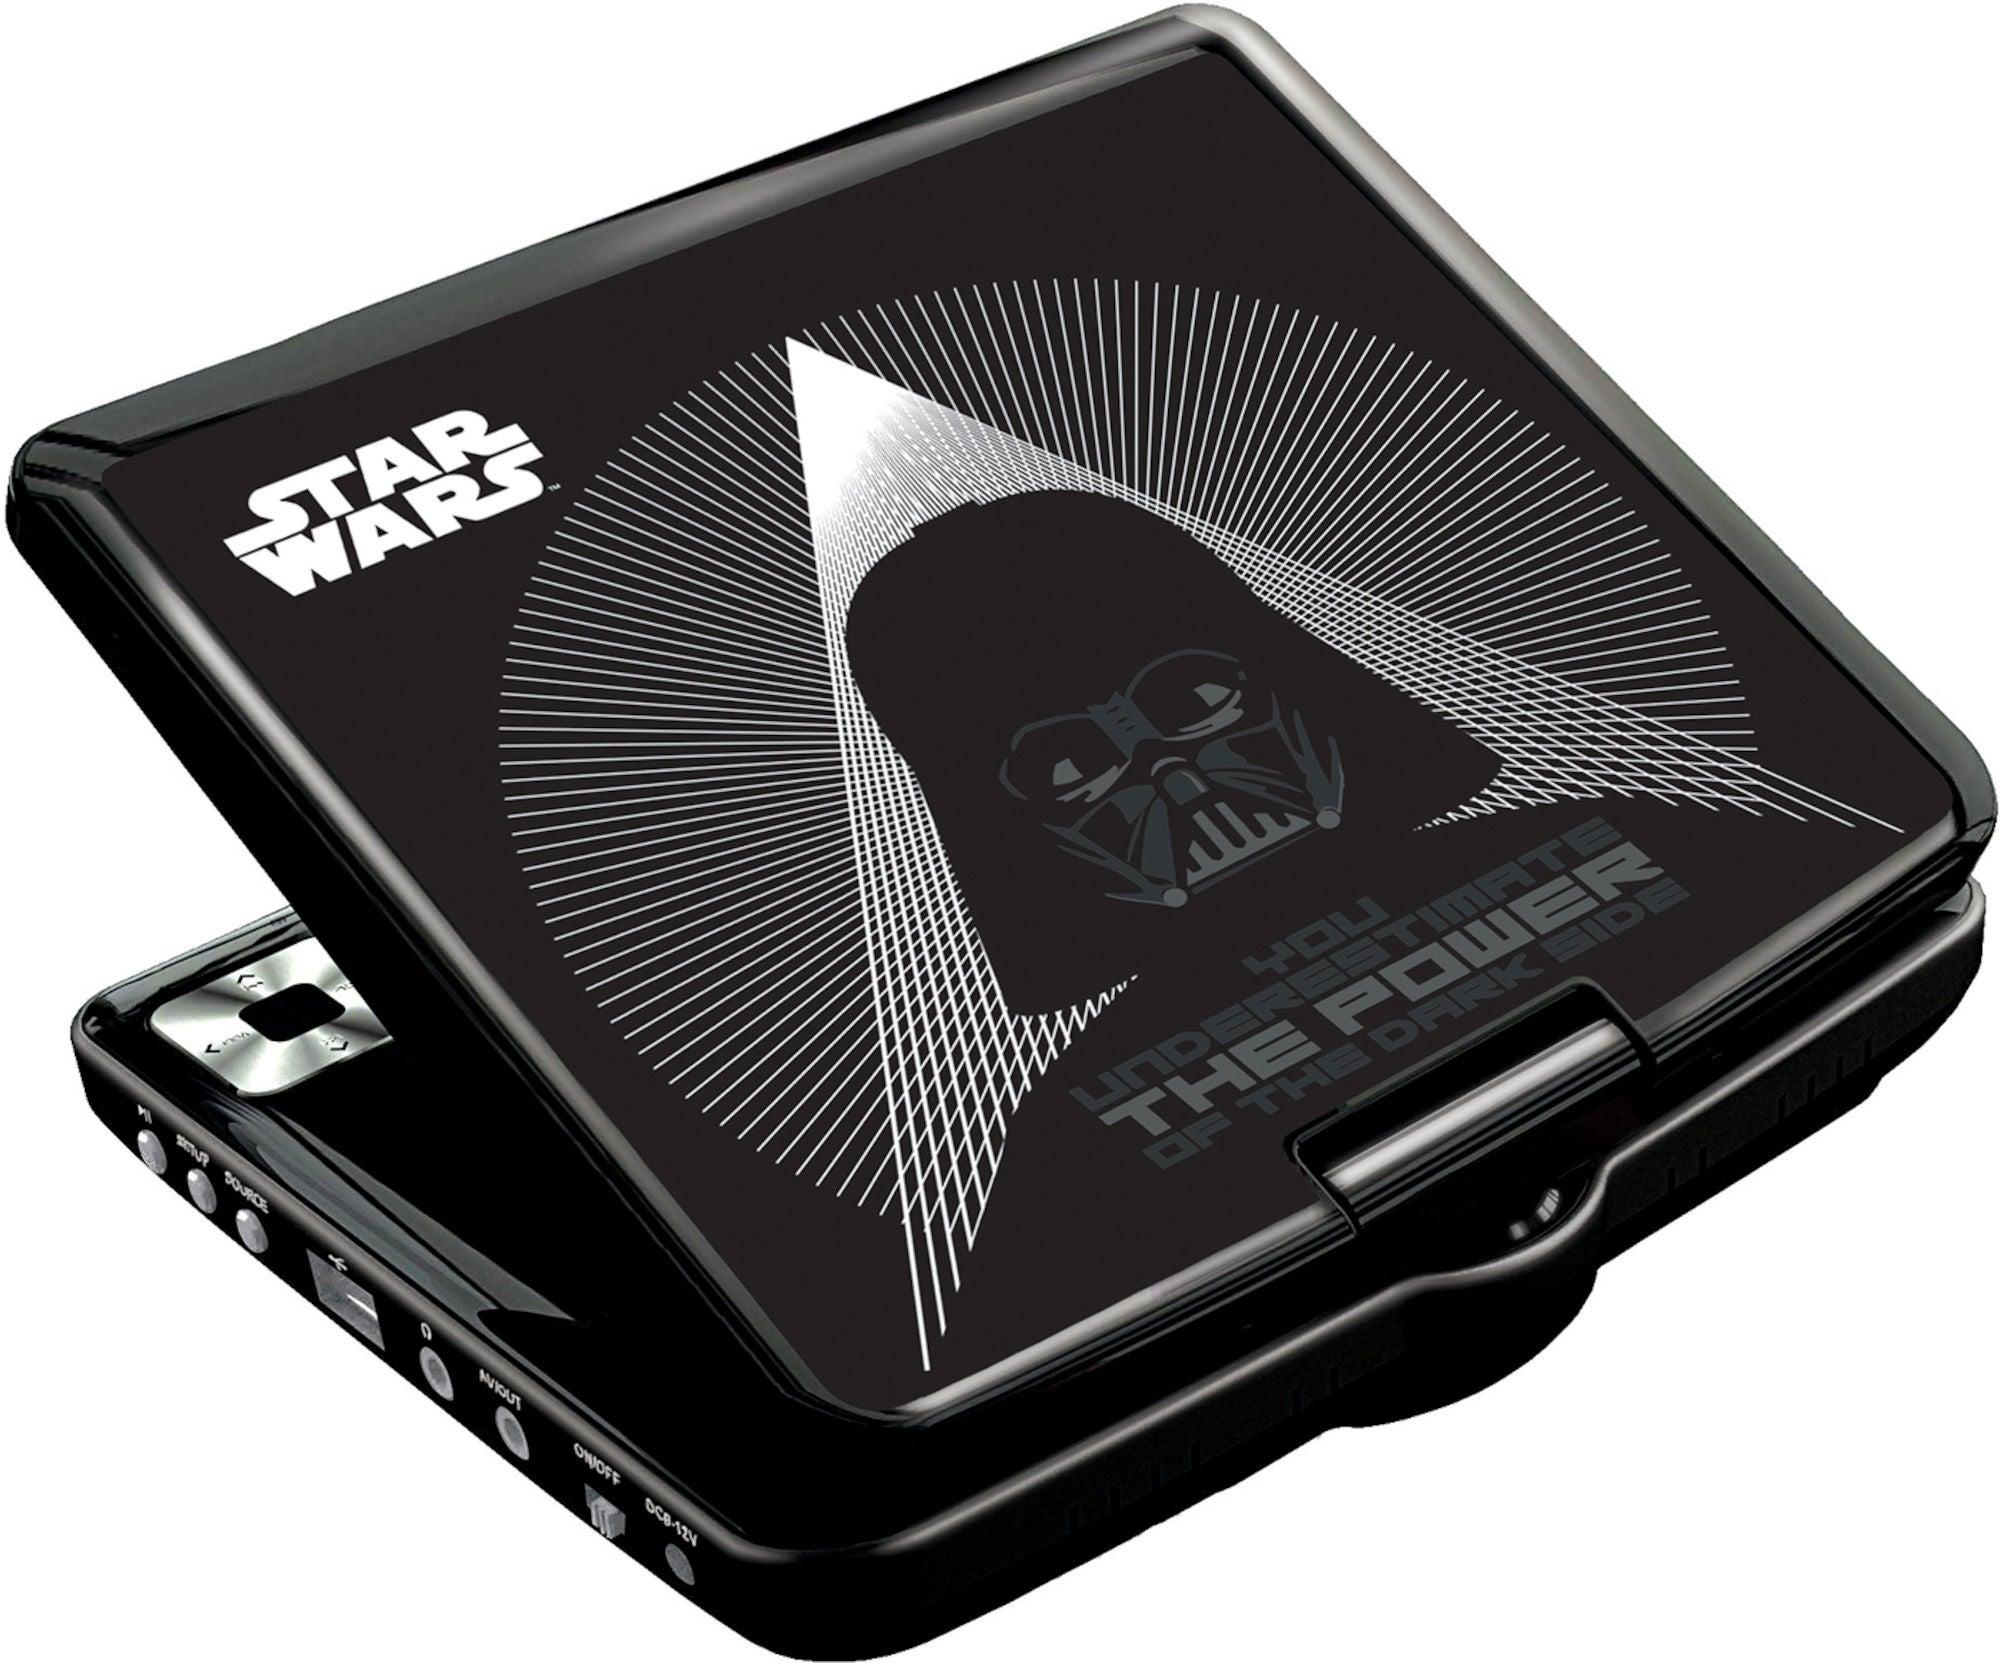 Star Wars Portabel DVD-spiller